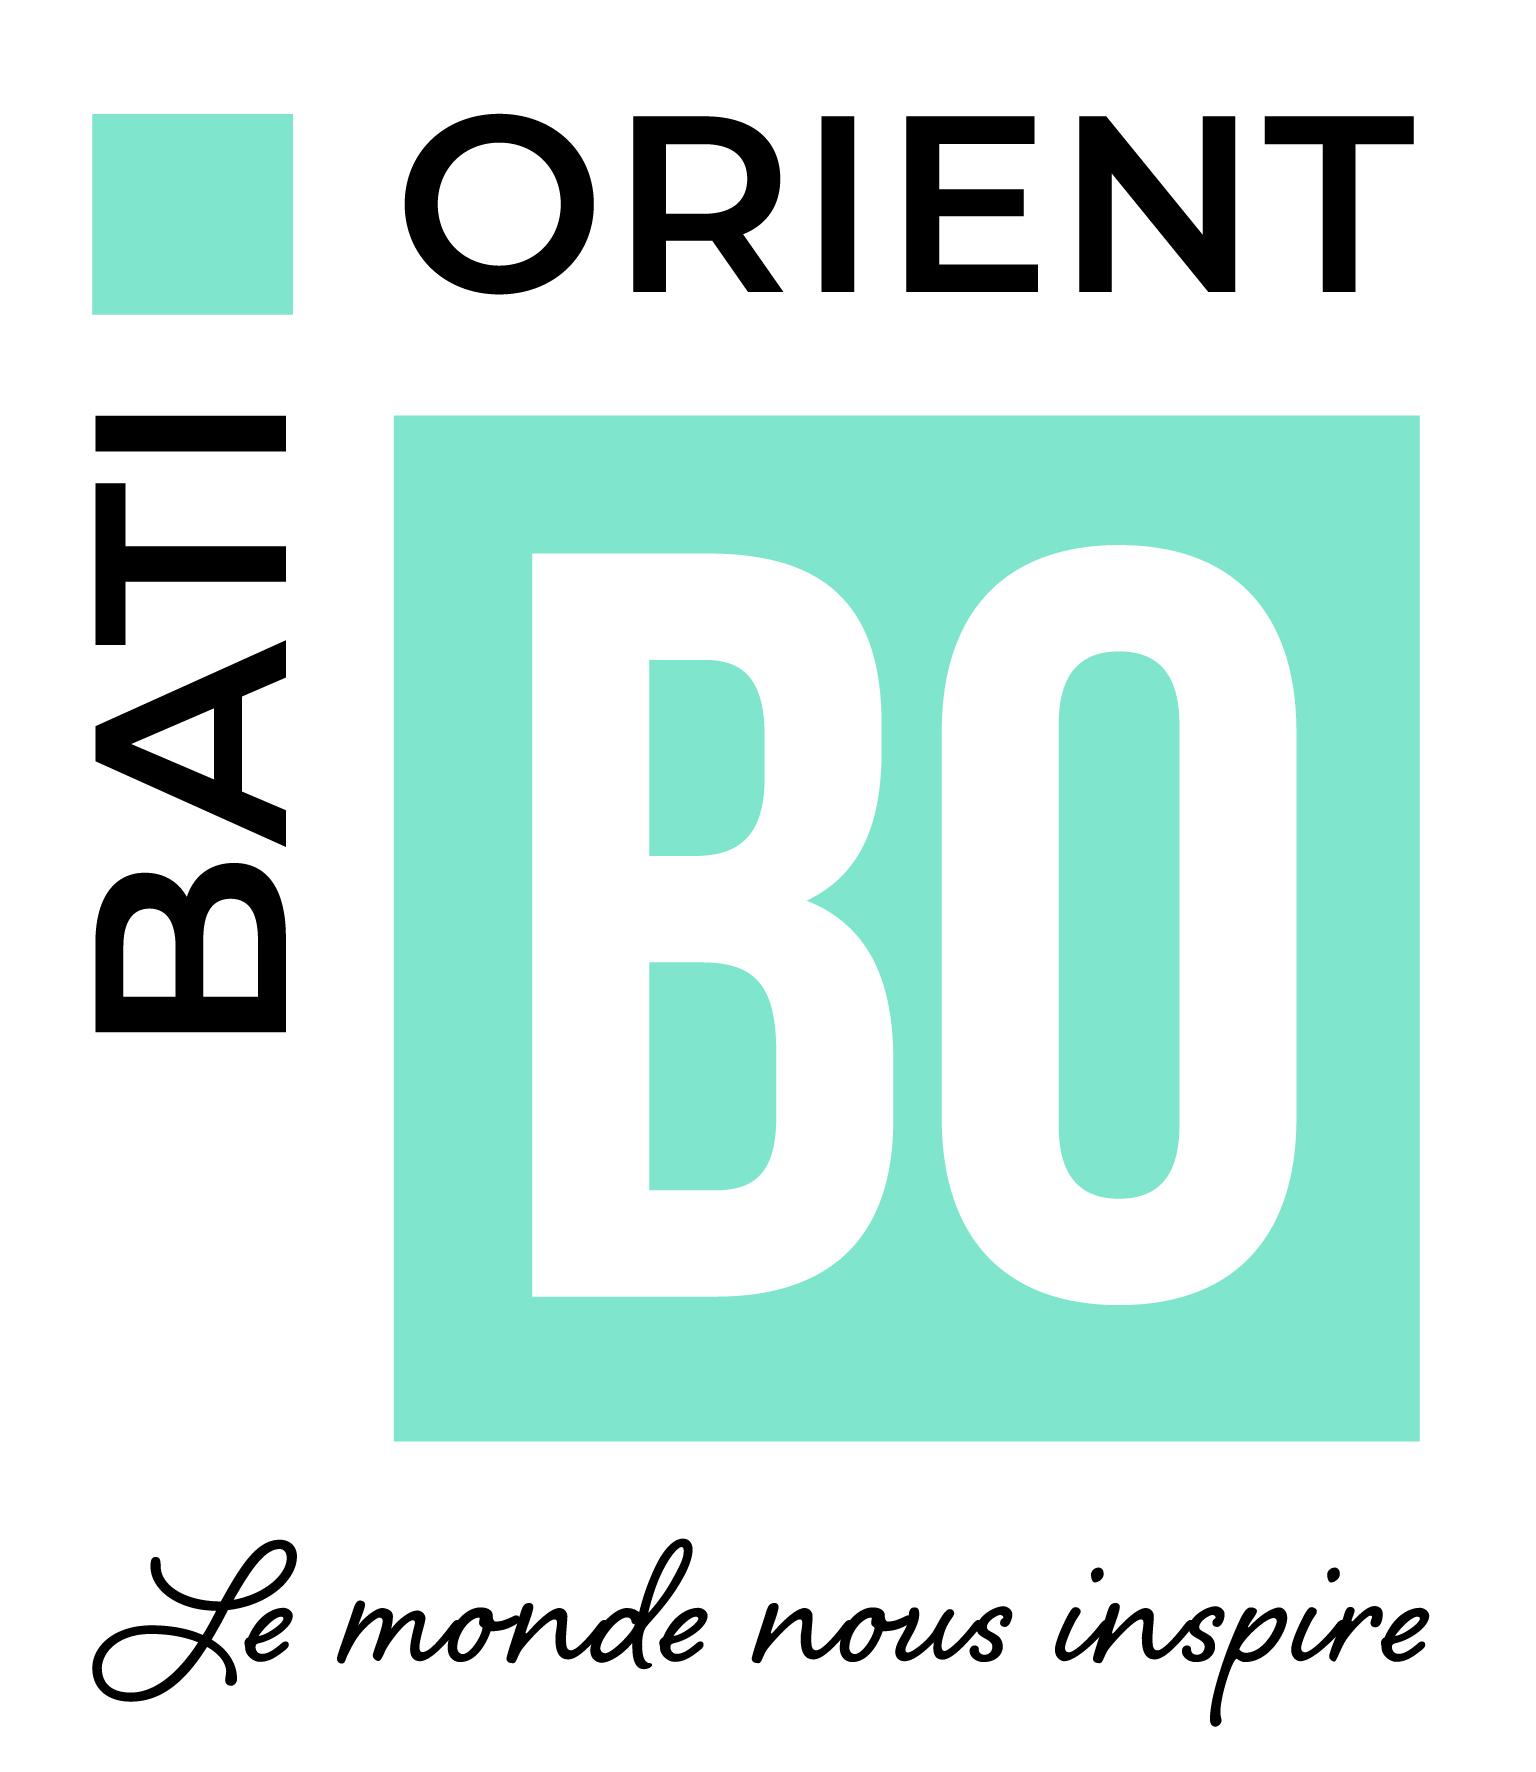 BATI ORIENT IMPORT